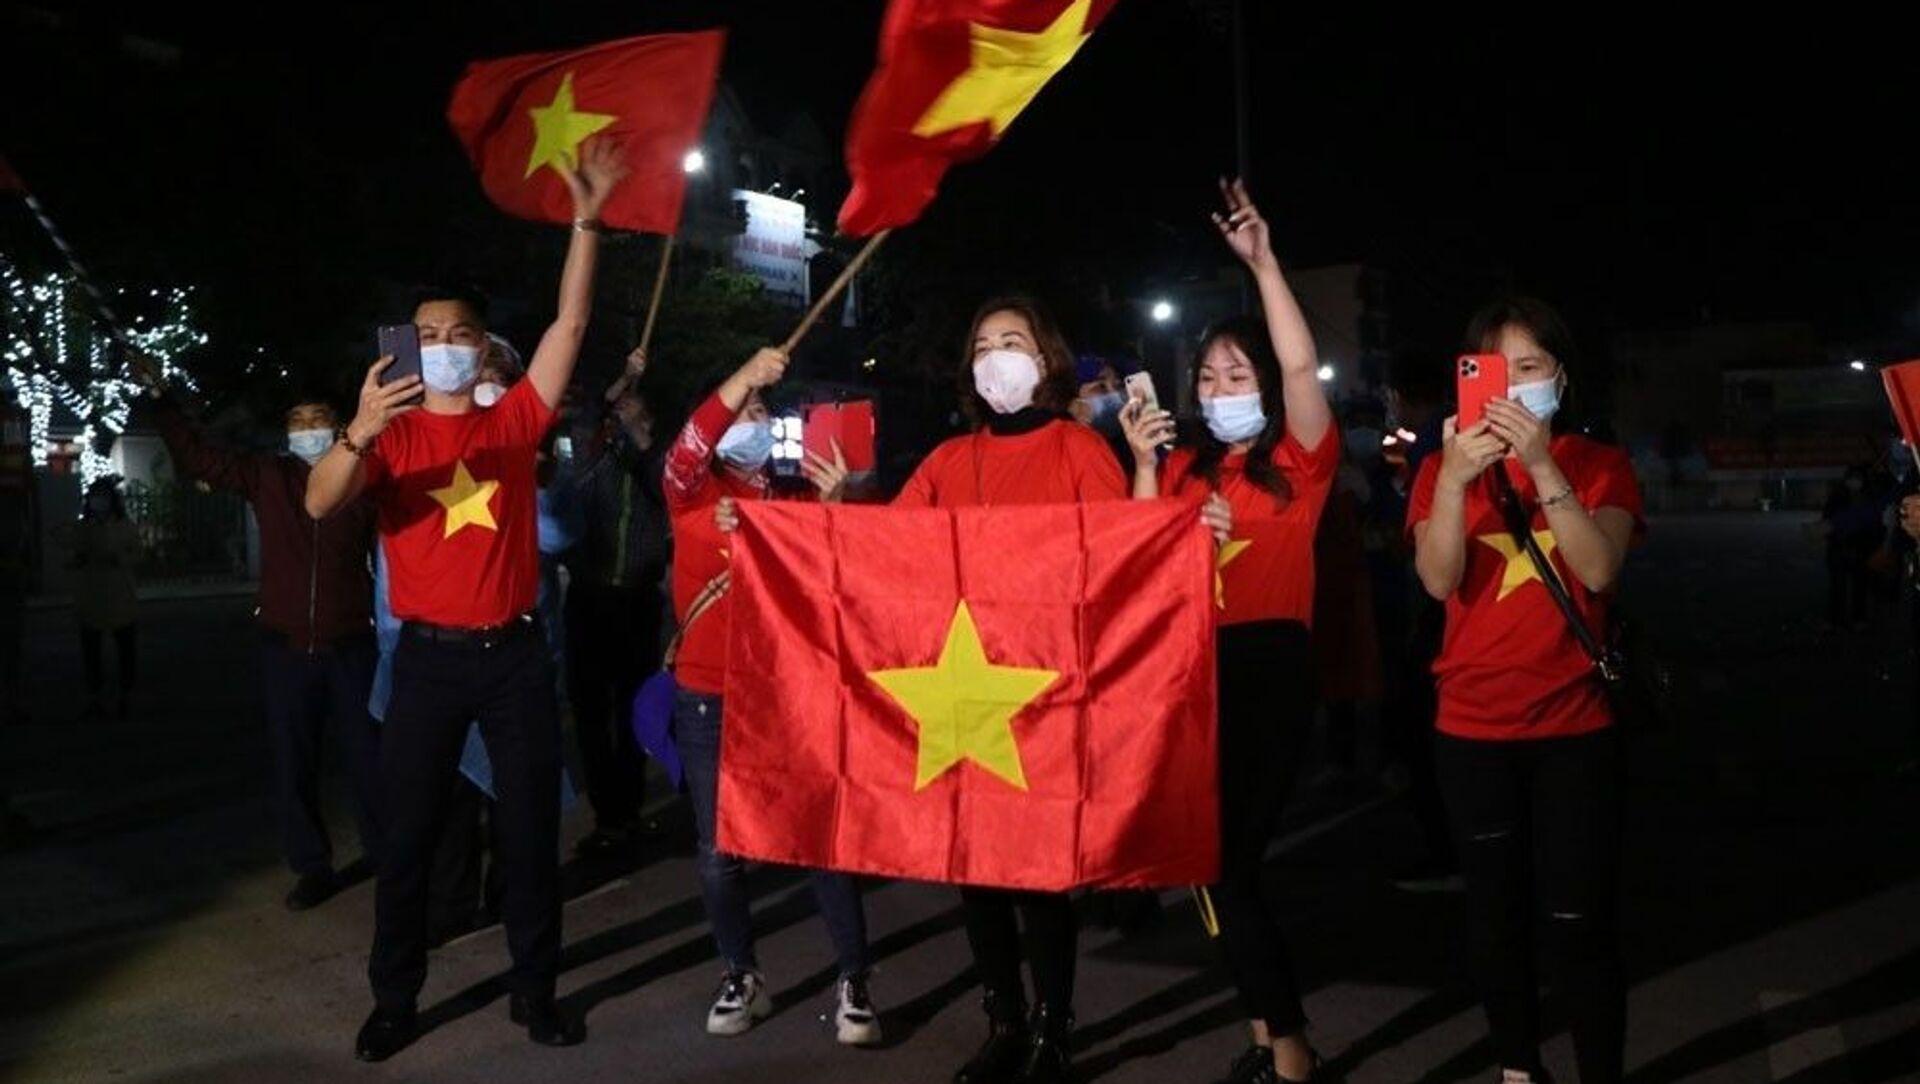 Khi chốt kiểm soát dịch COVID-19 tại quảng trường Sao Đỏ được gỡ bỏ, người dân Chí Linh mừng rỡ reo hò. - Sputnik Việt Nam, 1920, 03.03.2021